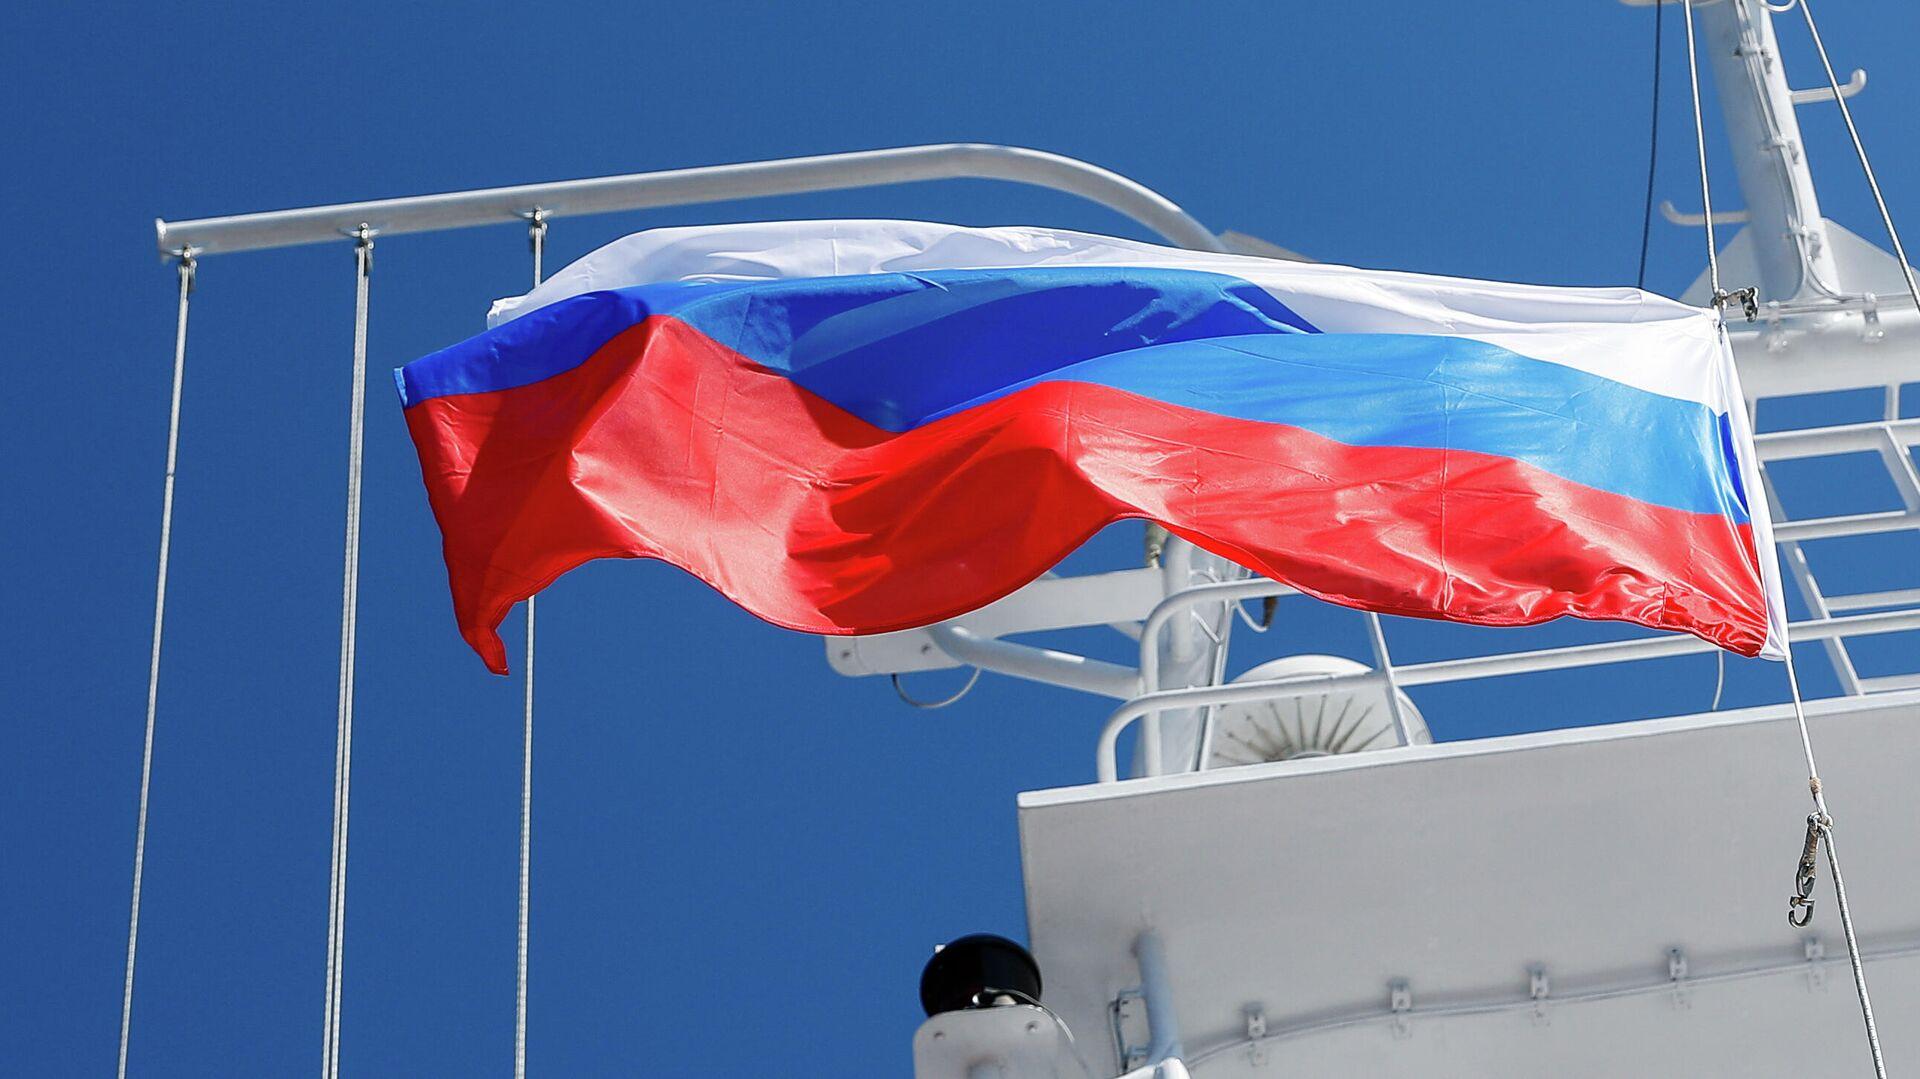 Государственный флаг РФ на судне - РИА Новости, 1920, 24.07.2021